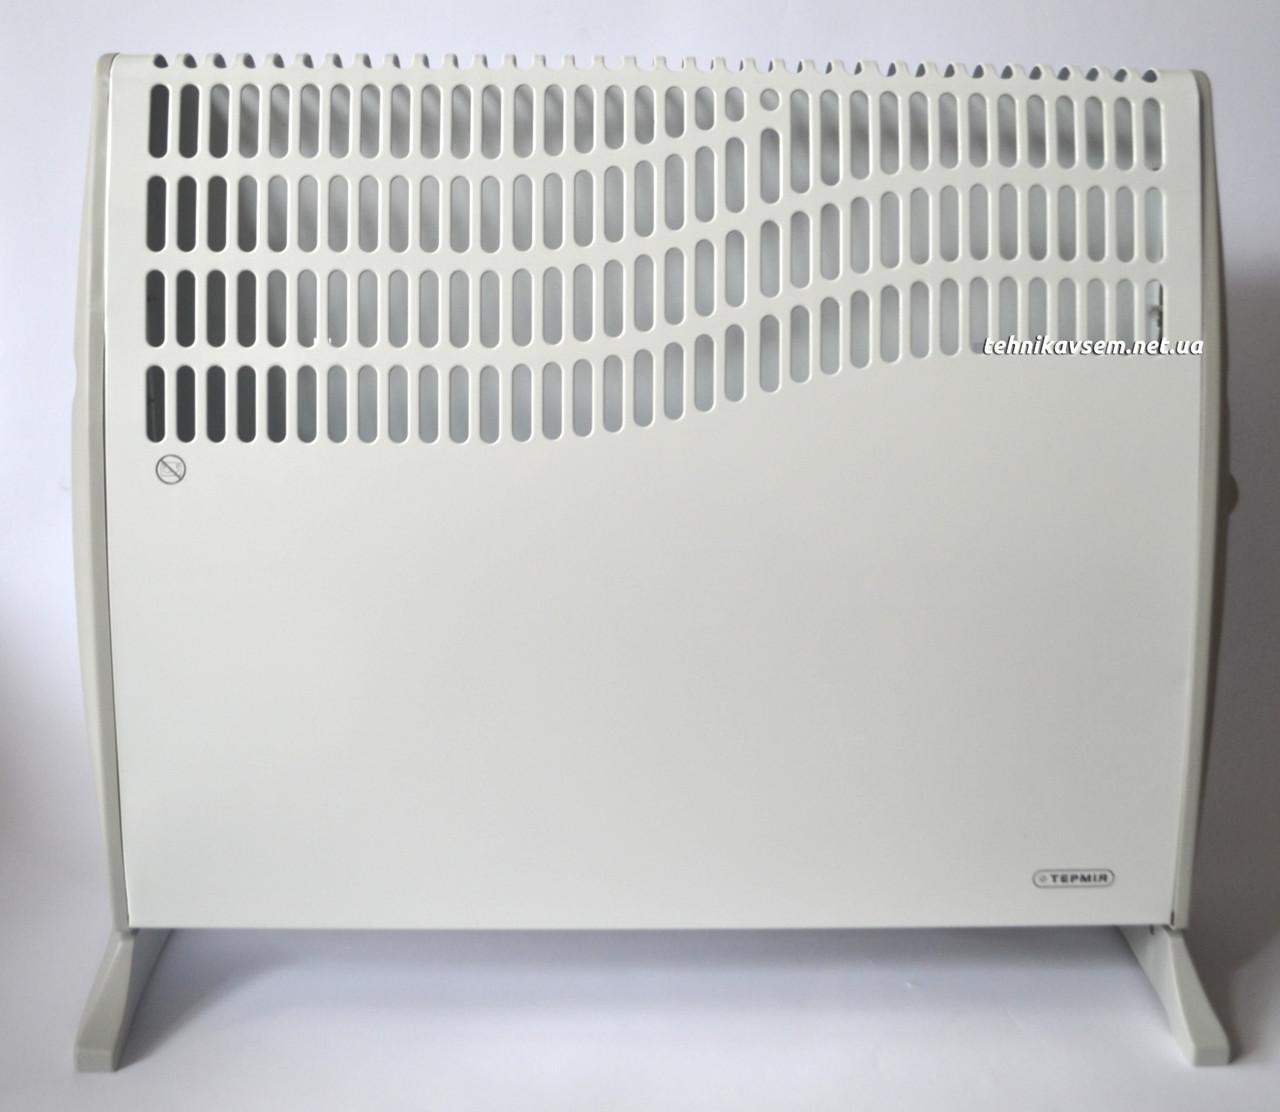 Электроконвектор Термия ЭВУА-1.5/230 (сп)